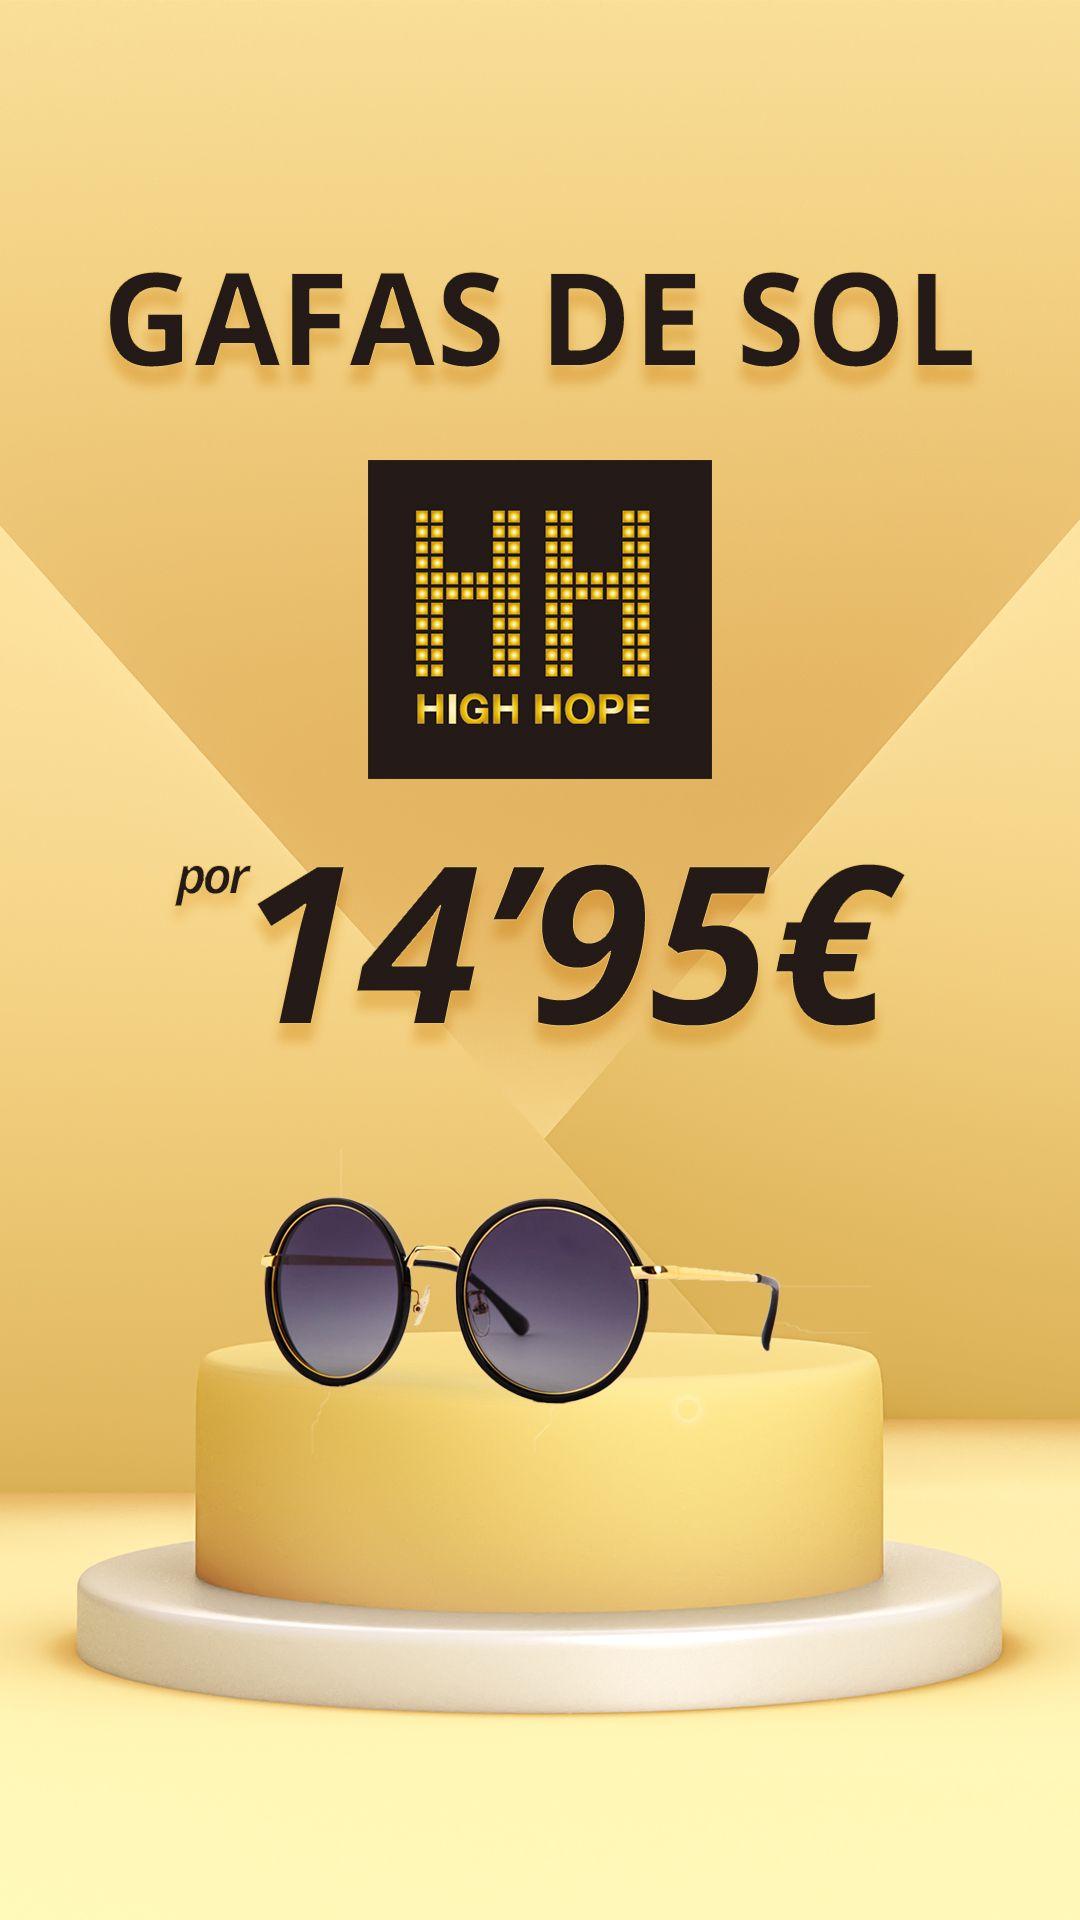 Gafas de sol de óptica por 14.95€